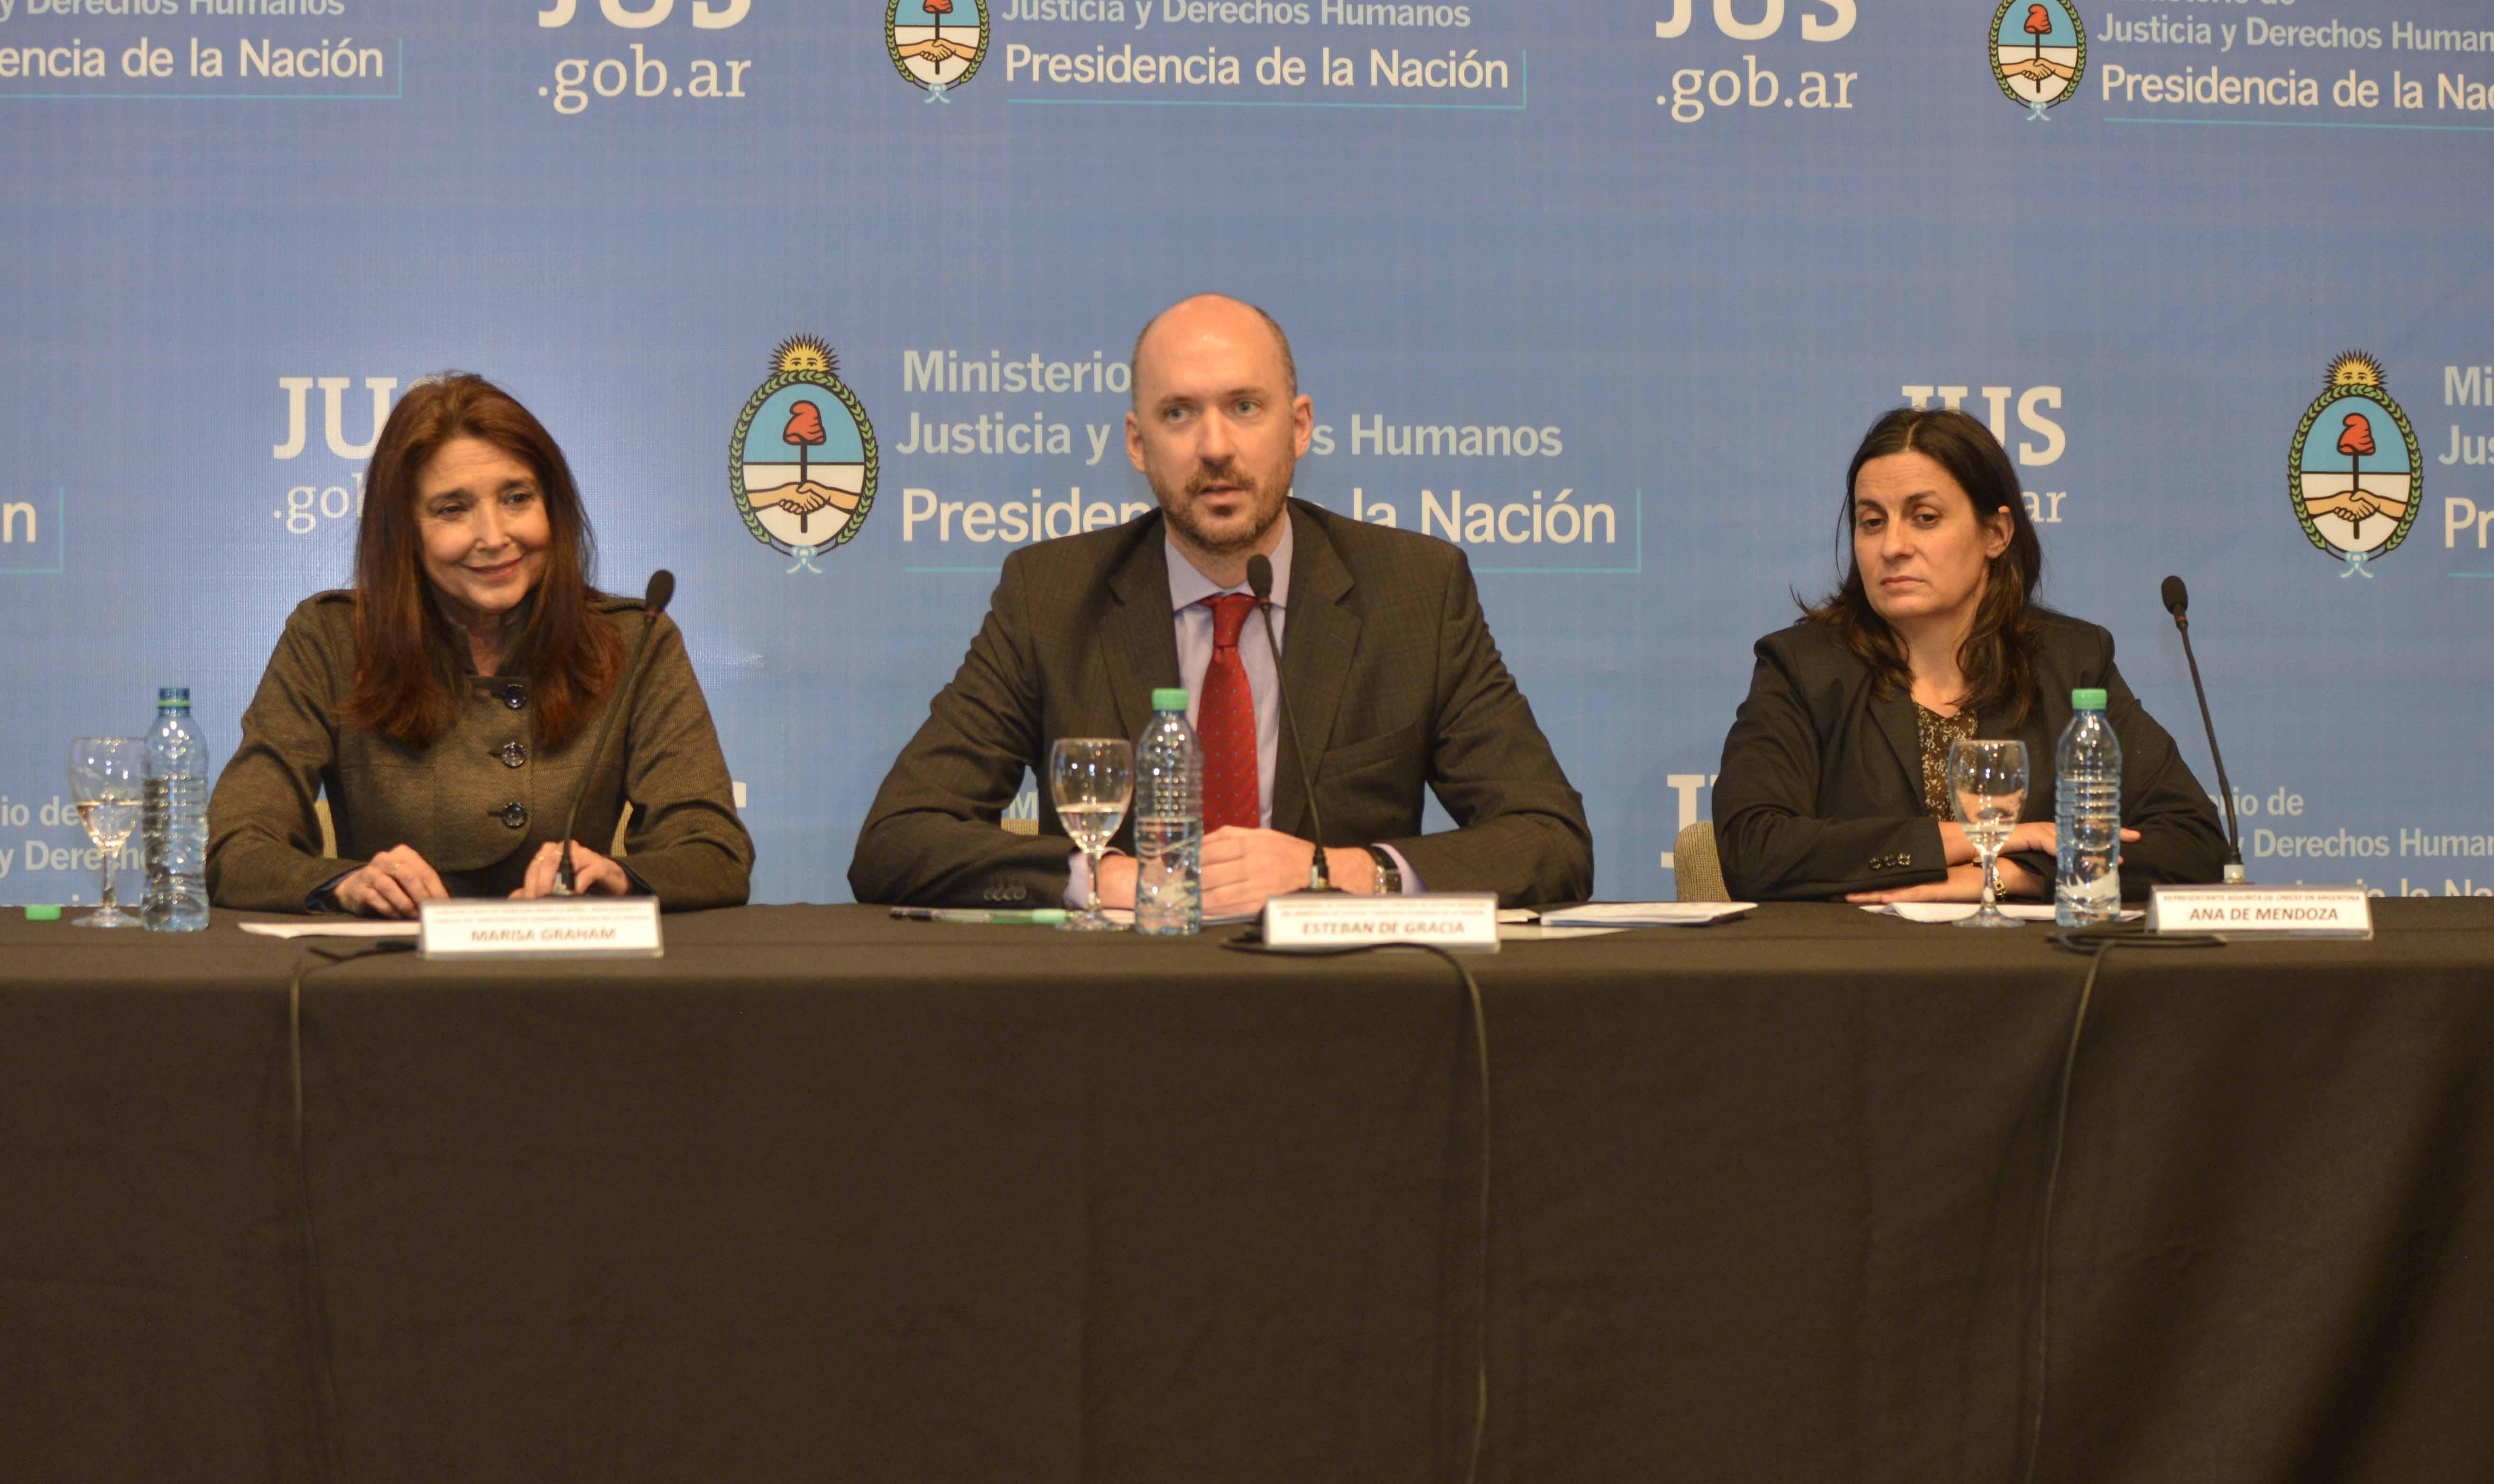 Comenzó el Encuentro sobre Niñez y Adolescencia que organizan los ministerios de Justicia y Desarrollo Social